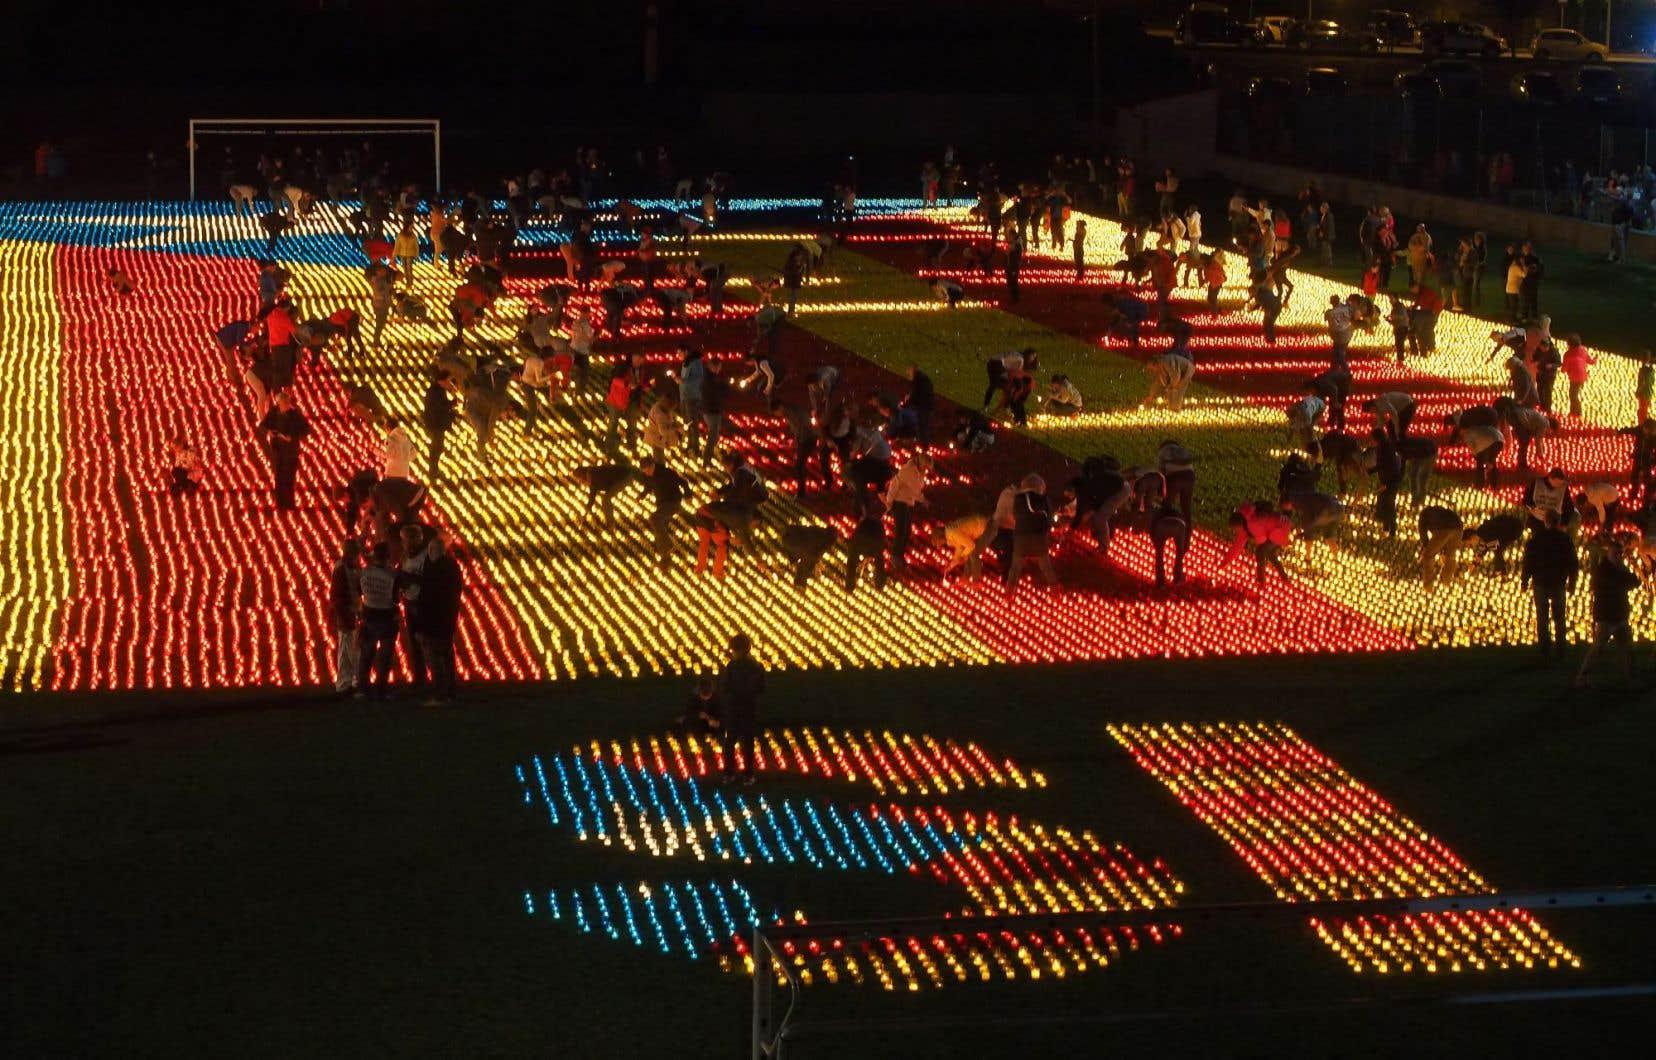 Le drapeau des indépendantistes de la Catalogne réalisé avec 82 000 bougies, à Llivia